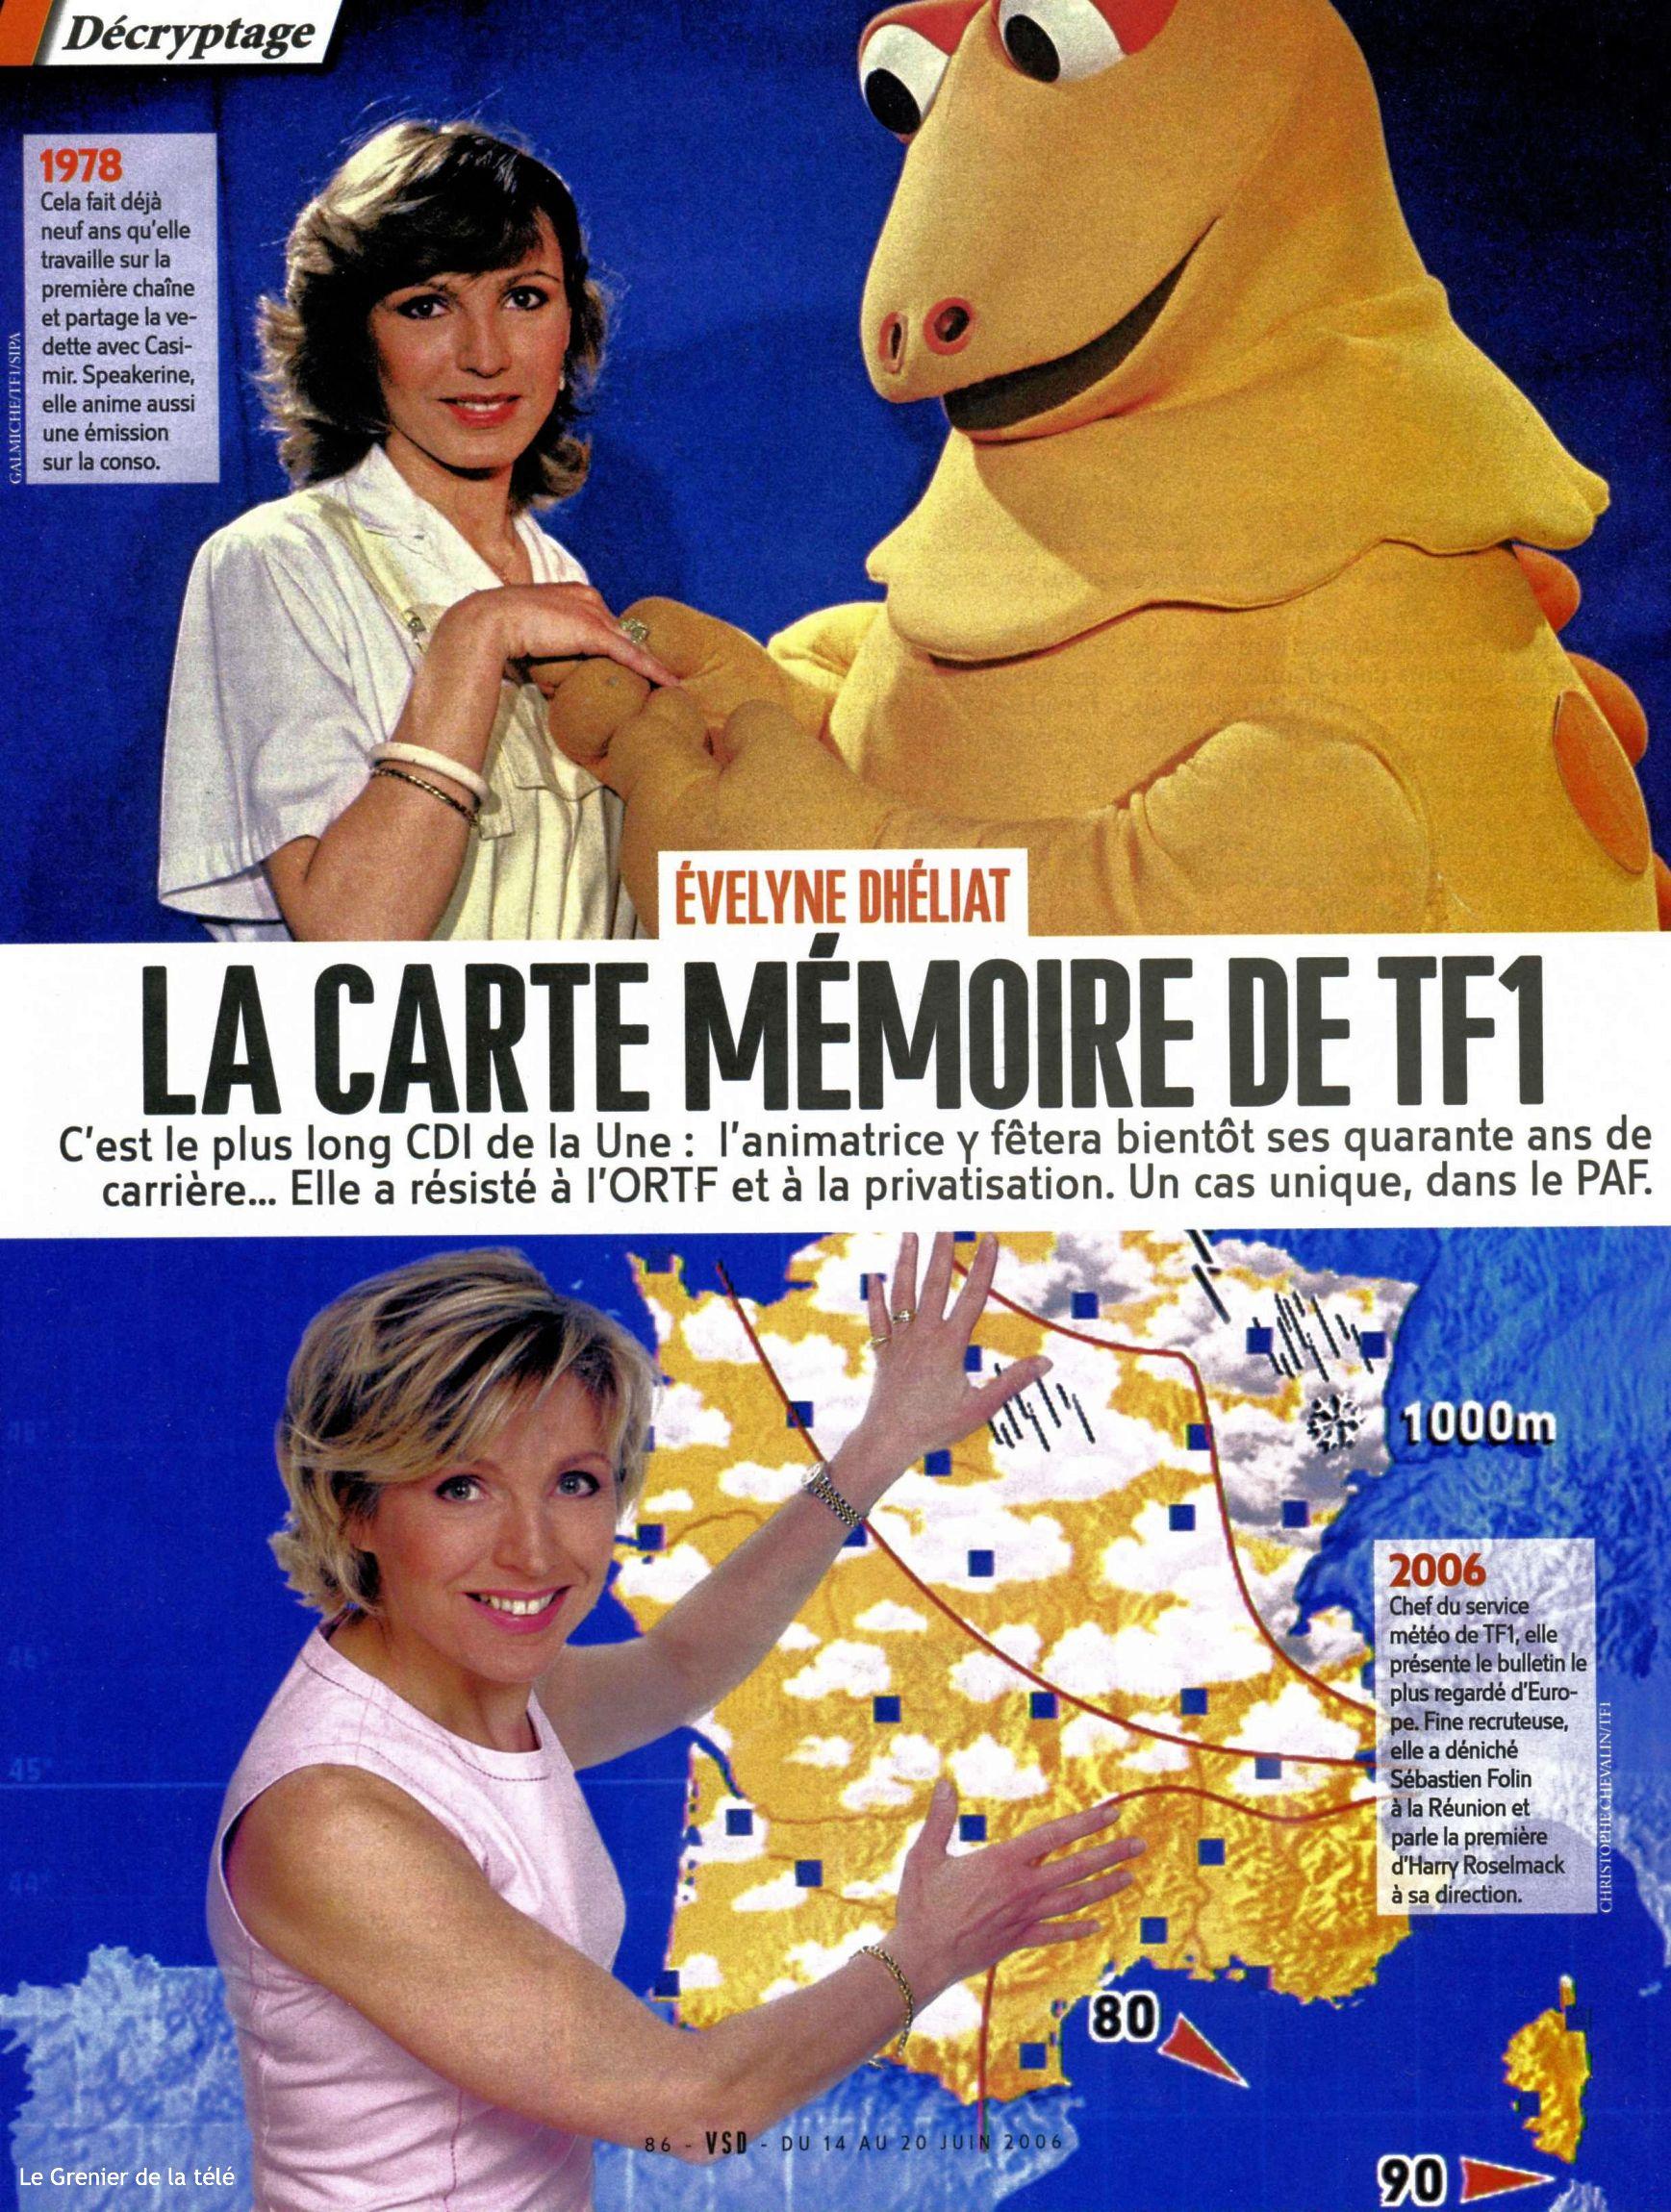 http://grenierdelatv.free.fr/dheliatvsdjuin2006.jpg